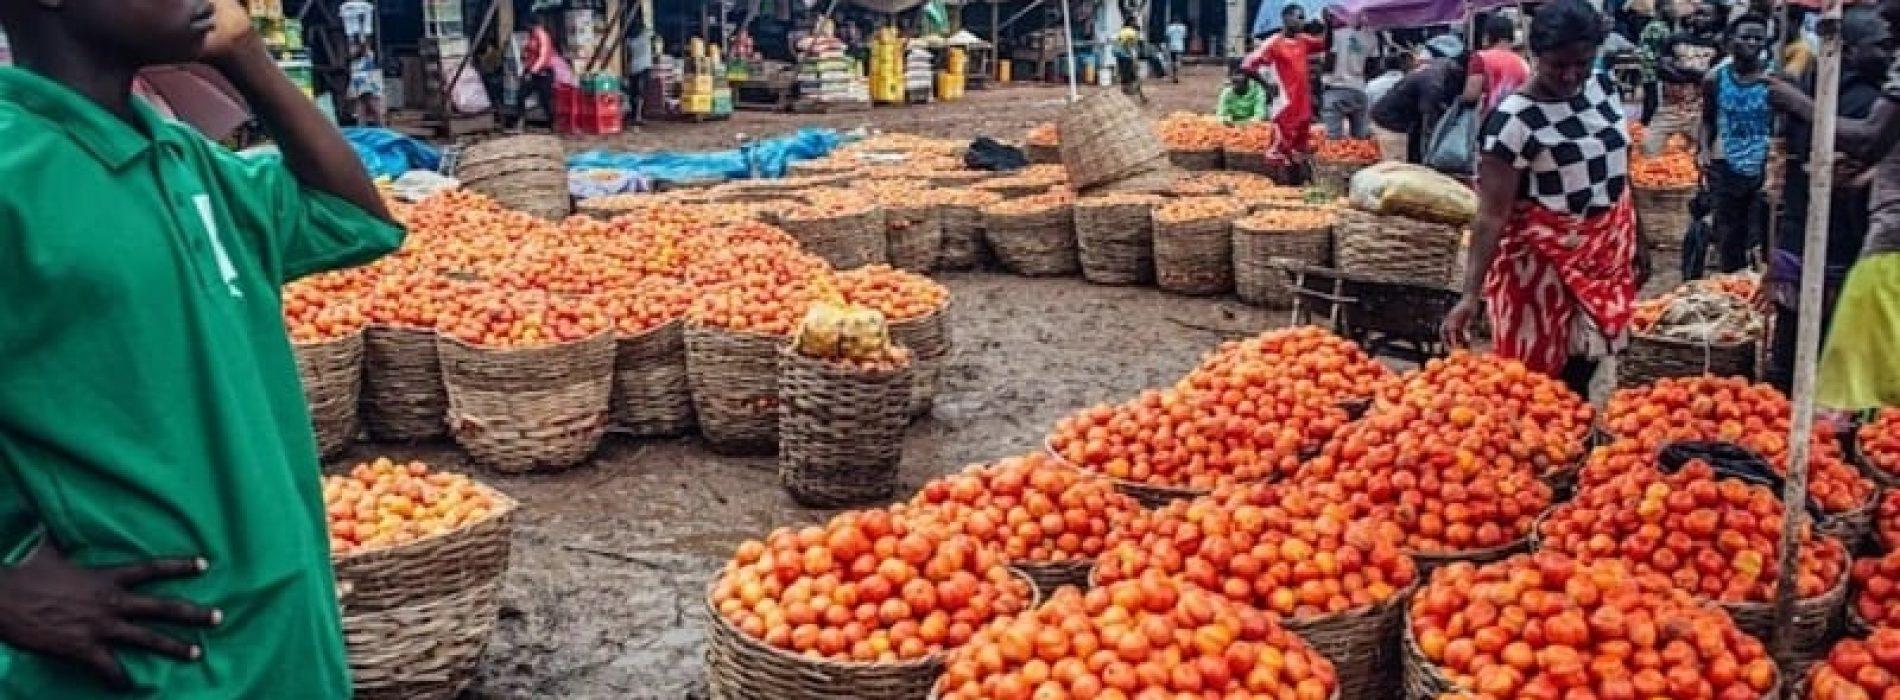 Nigeria, la carenza di pomodori blocca l'impianto della Dangote